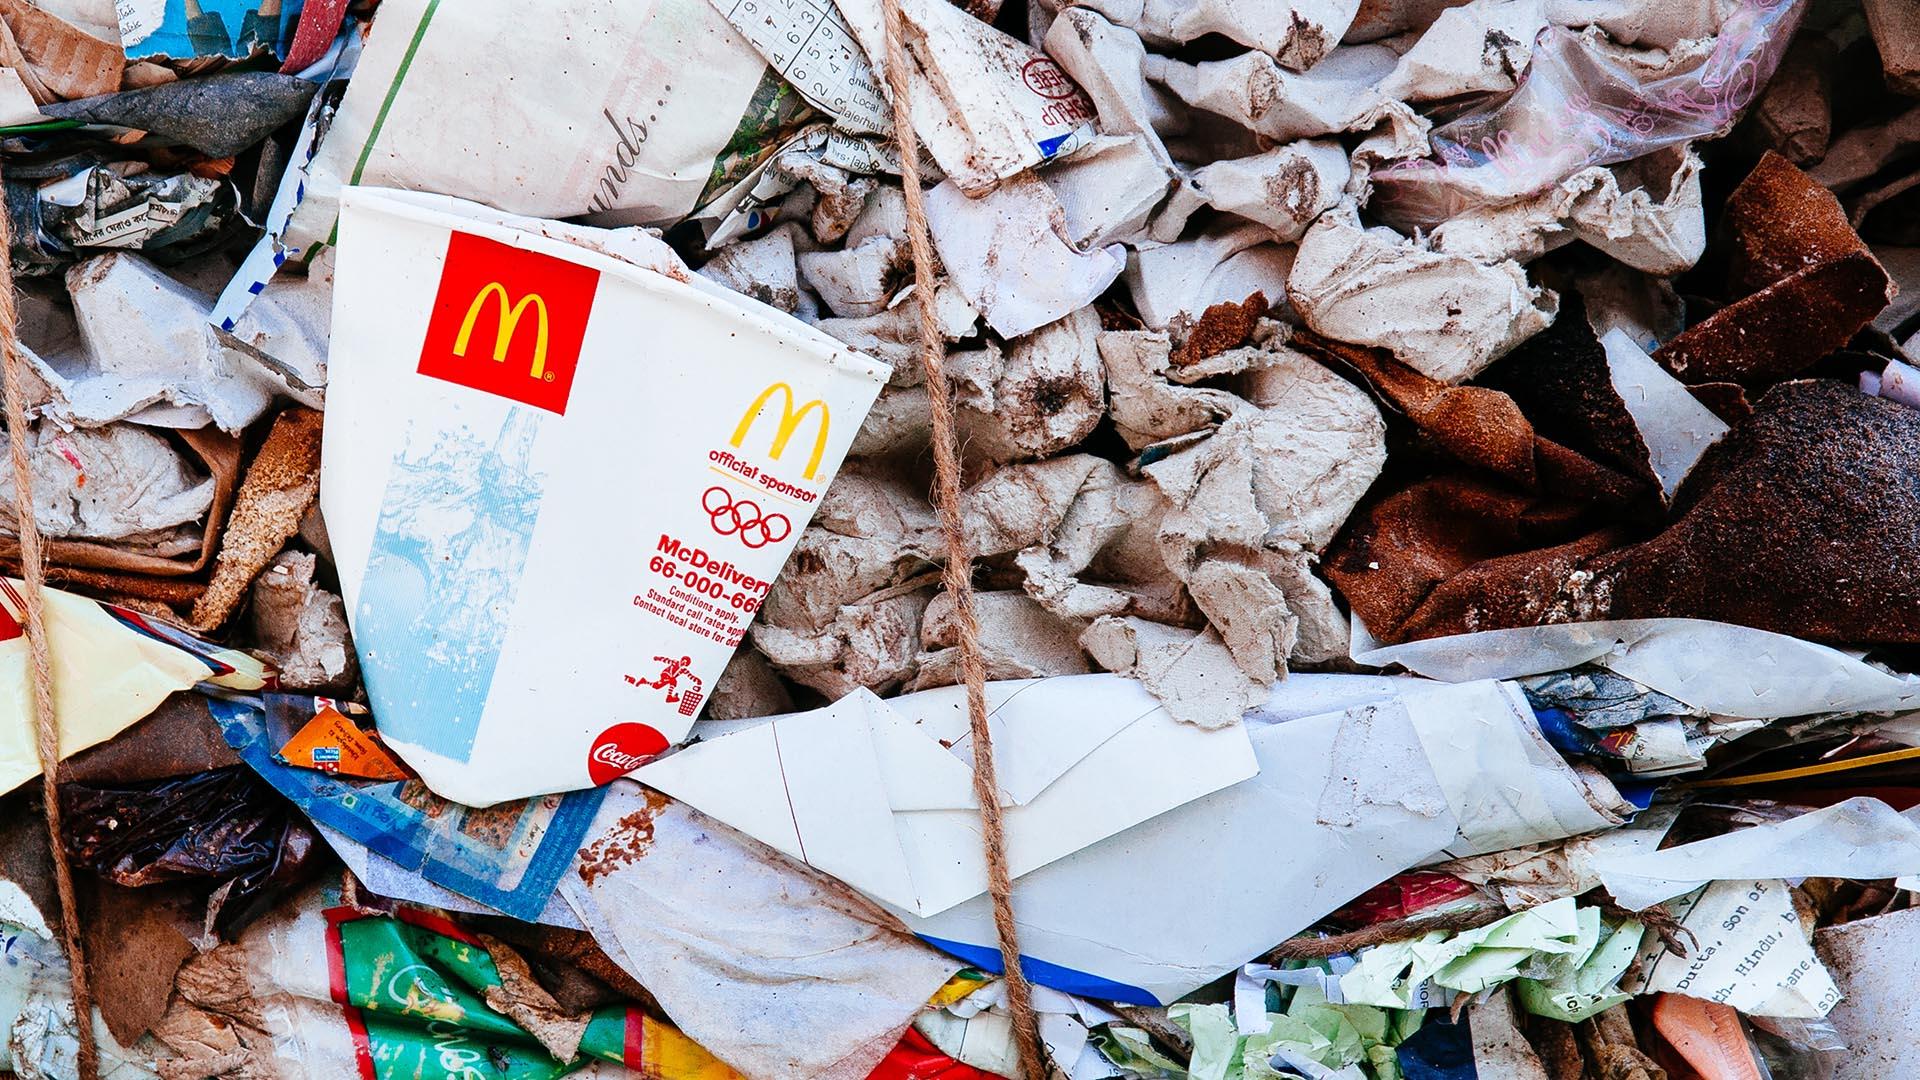 Ételhulladékból készülnek majd a McDonald's tálcái